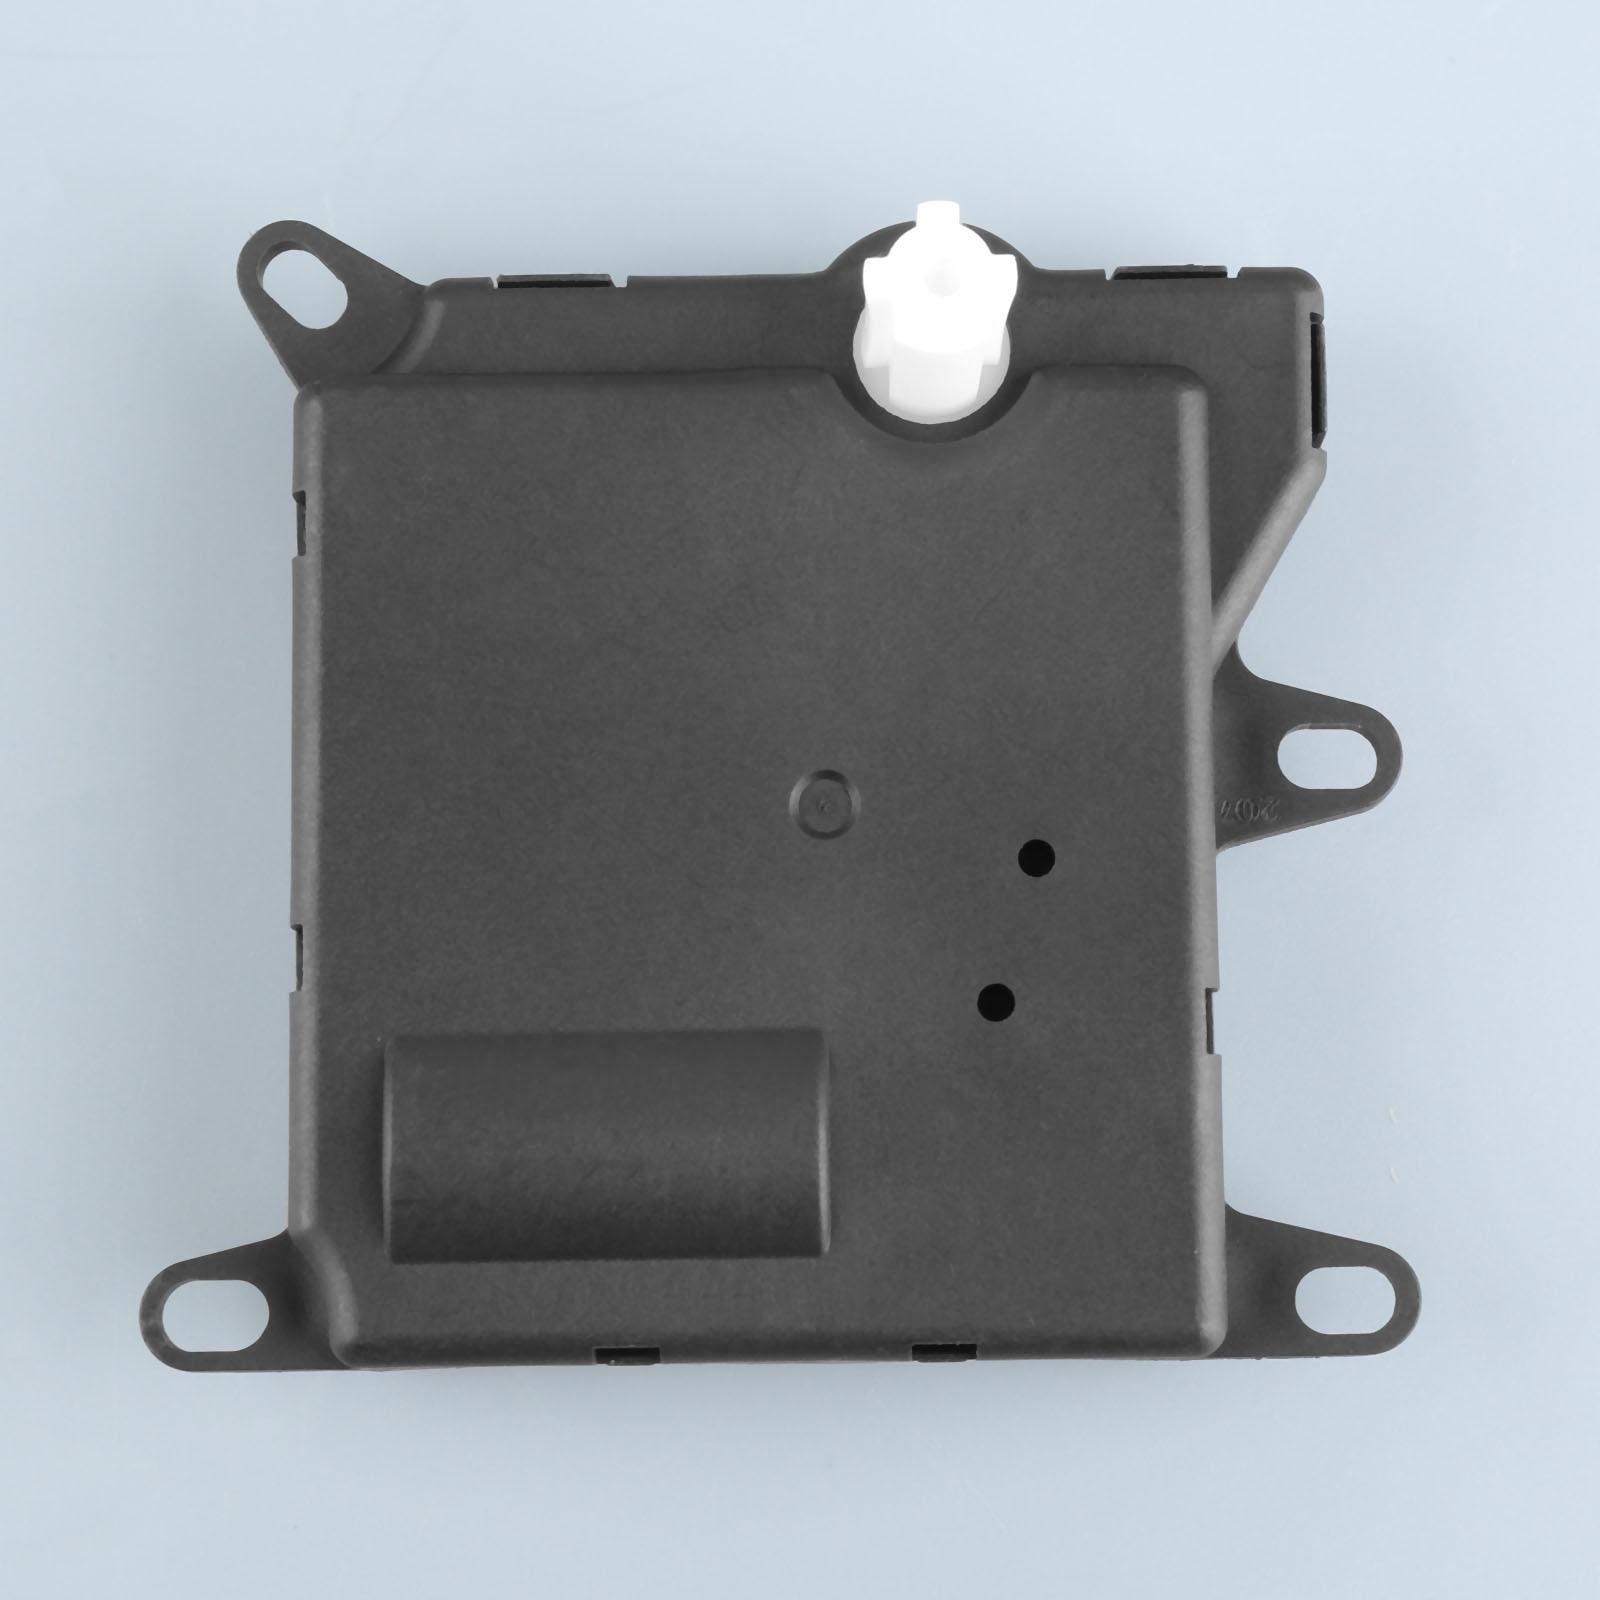 HVAC F7DZ 19E616 BA нагреватель r смесь воздуха вентиляционный дверной привод вентилятор отопителя Вентилятор Мотор 604 207 для Ford Explorer Lincoln, Mercury-in Детали для обогревателя from Автомобили и мотоциклы